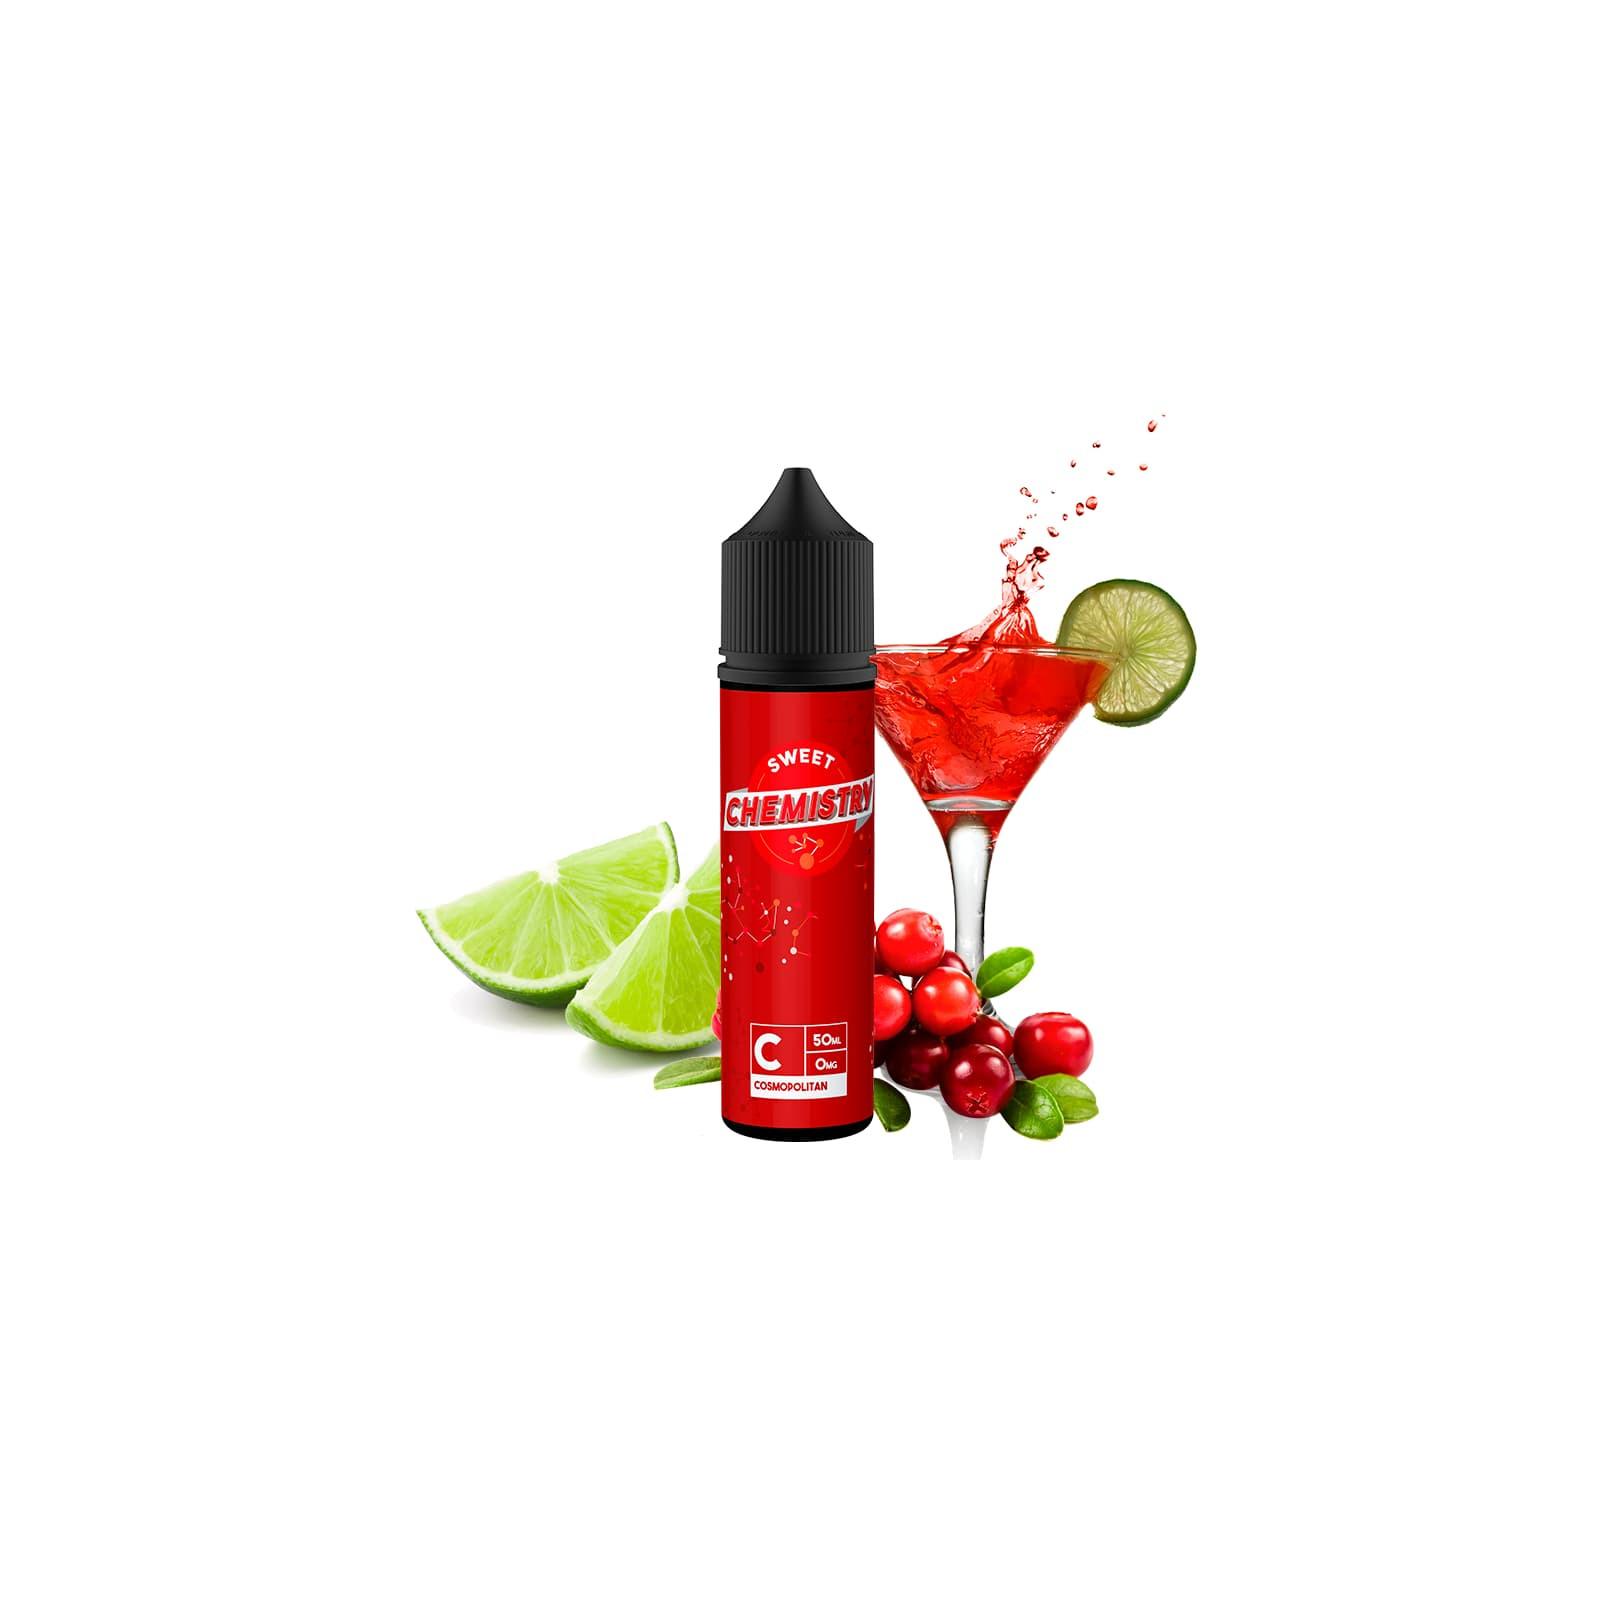 Cosmopolitan 50ml - Sweet Chemistry